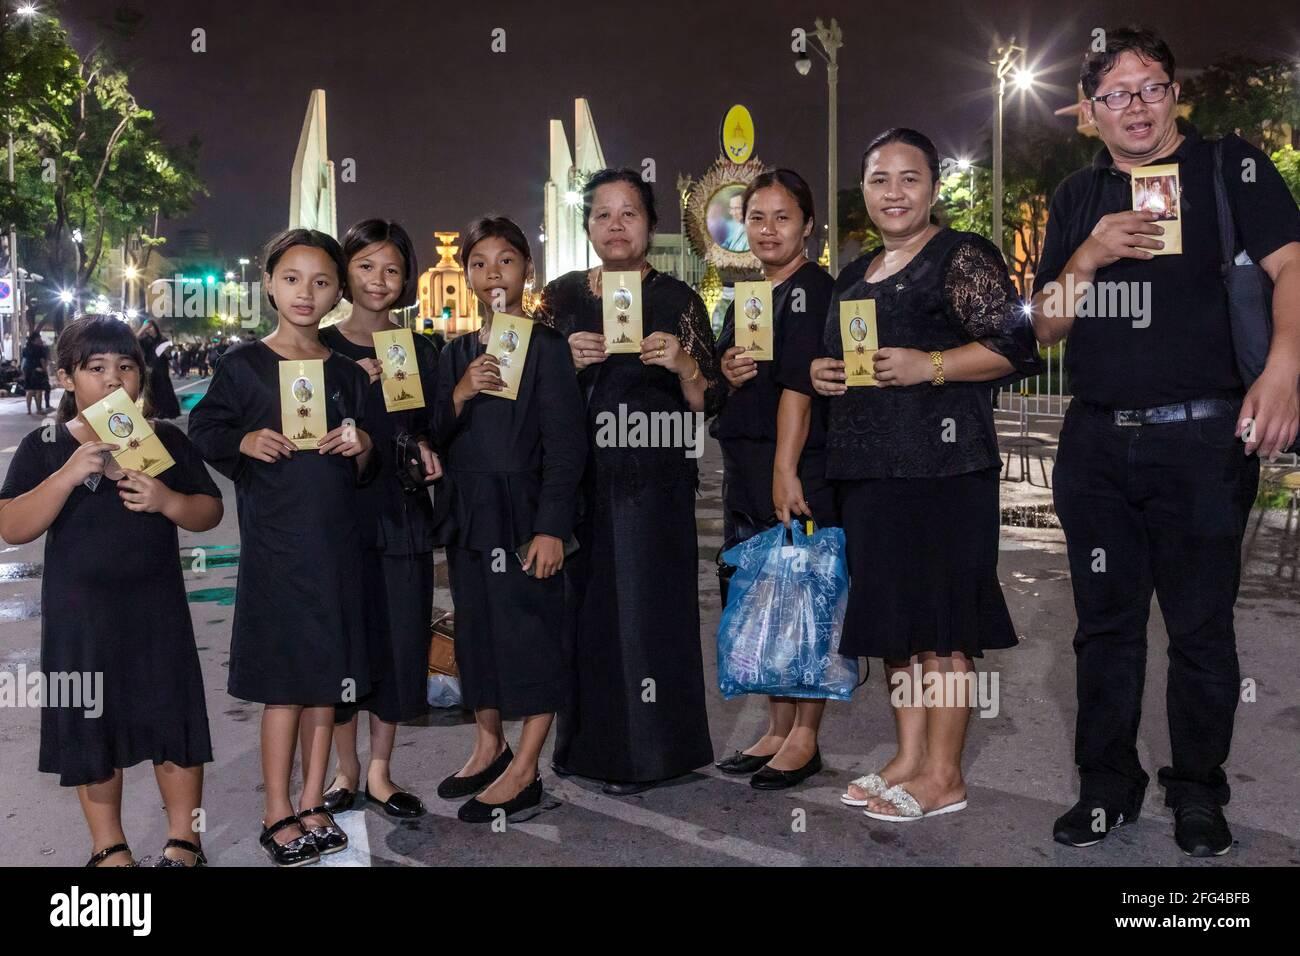 Familia de personas de luto con fotografía del rey Bhumibol, Rama IX, Bangkok, Tailandia Foto de stock